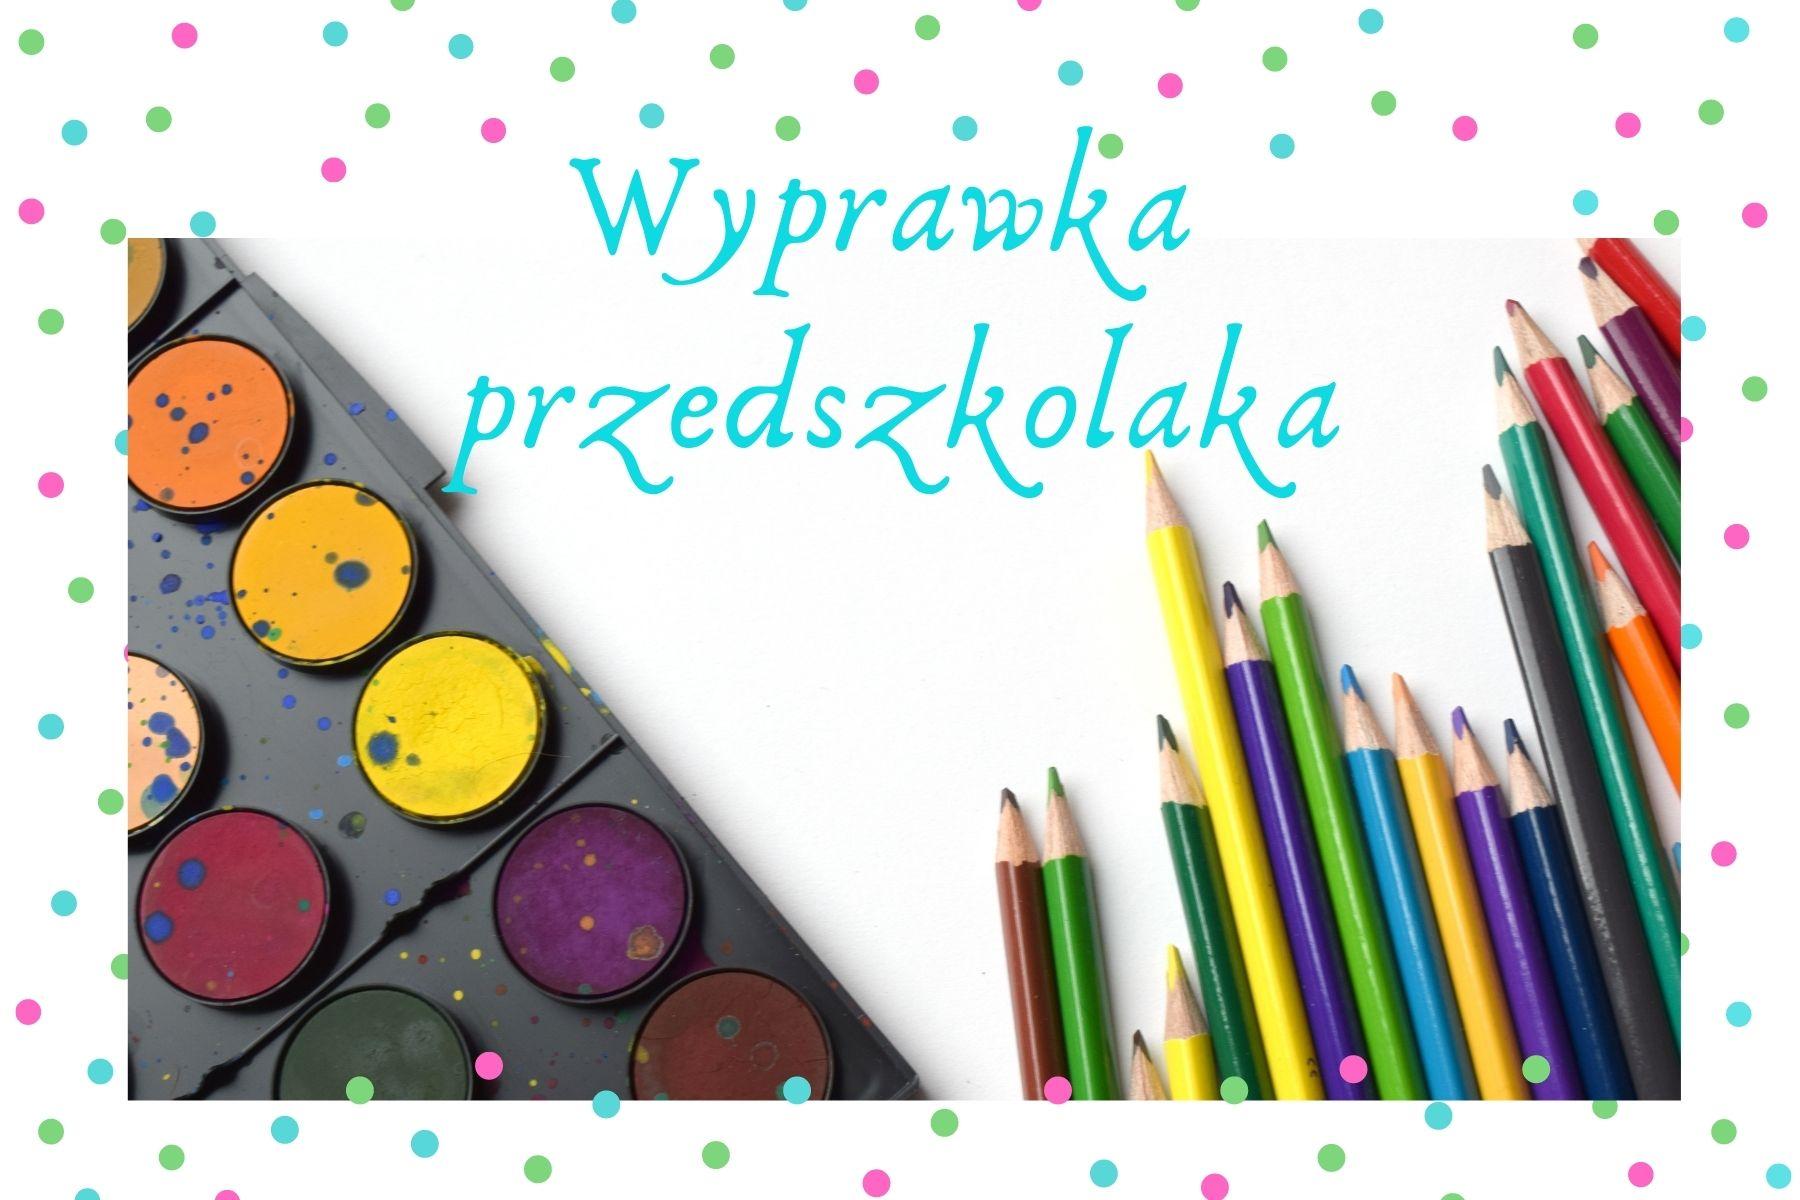 Wyprawka Przedszkolaka - Szkoła Podstawowa w Gminie Malbork